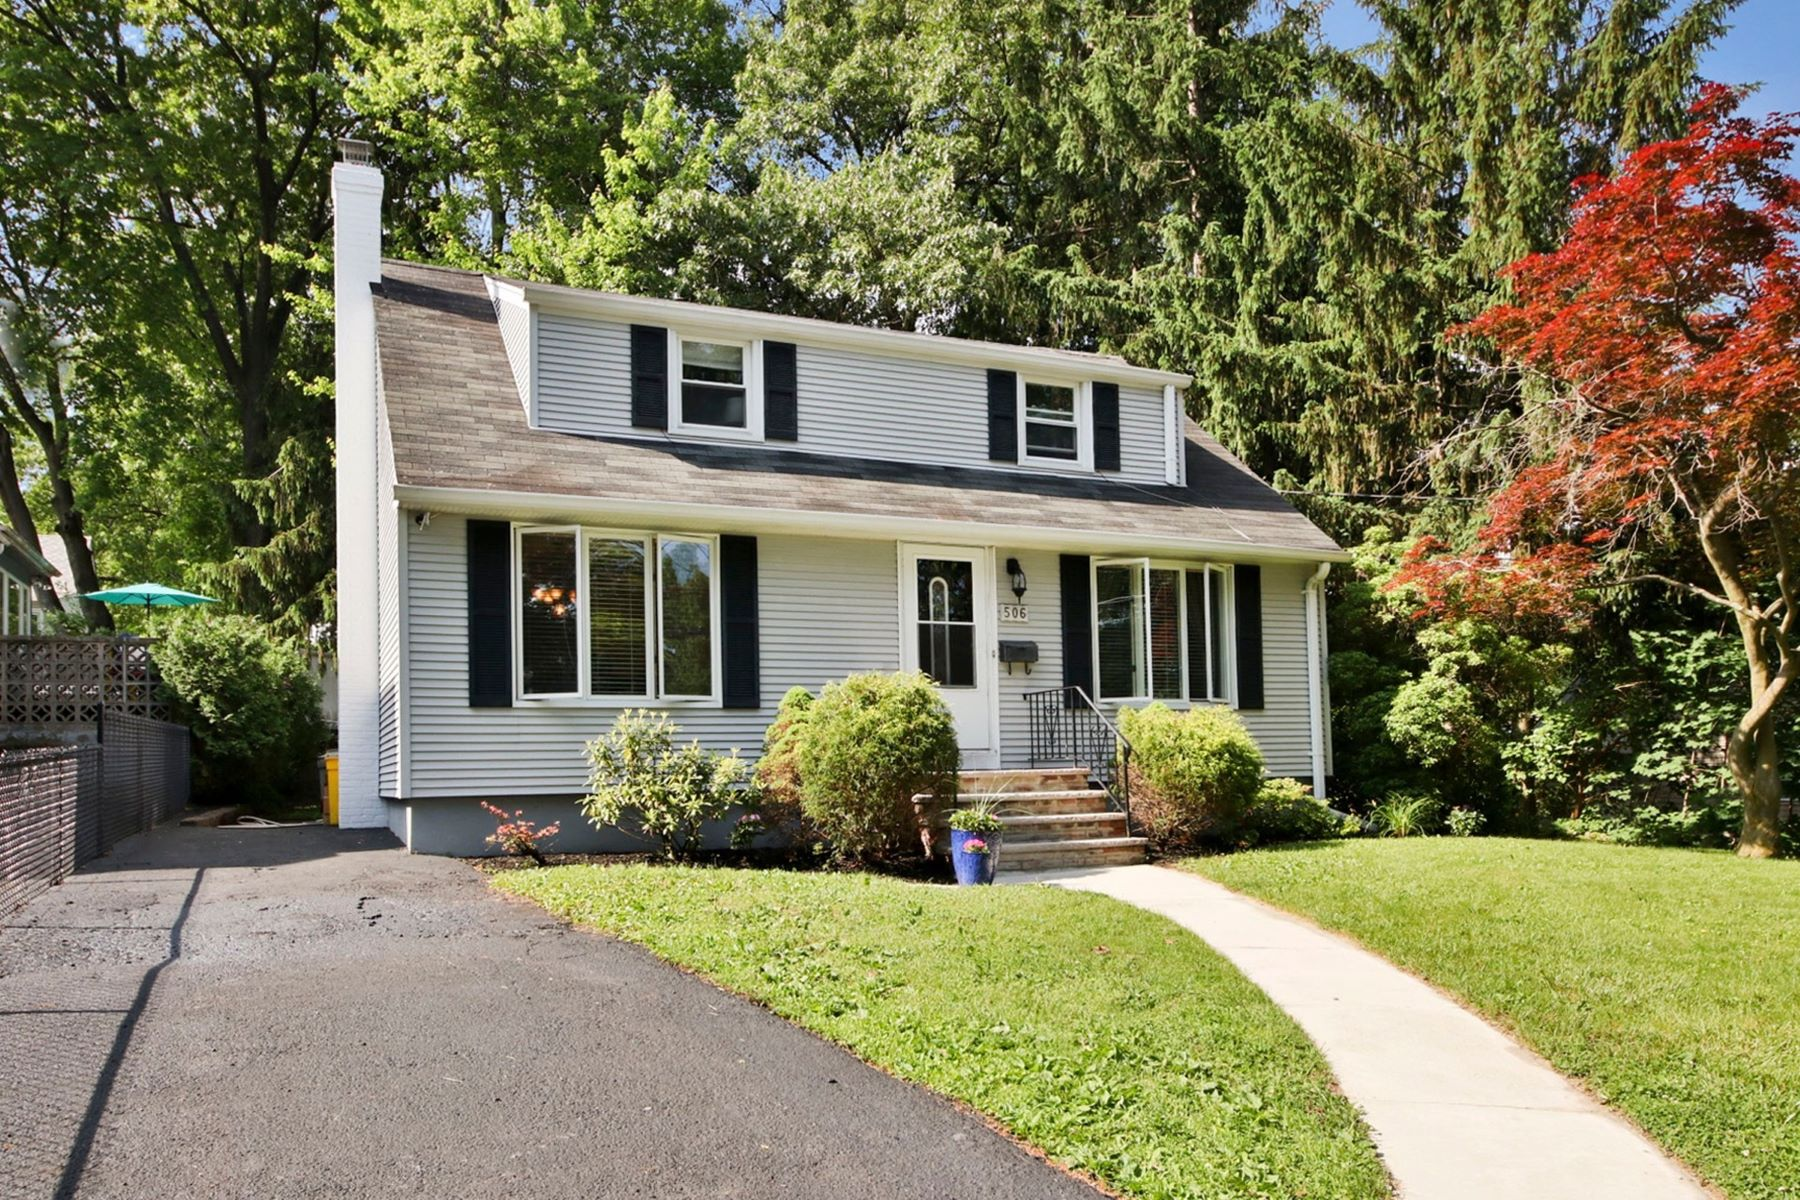 Maison unifamiliale pour l Vente à Beautifully Renovated 506 Elizabeth St, New Milford, New Jersey 07646 États-Unis